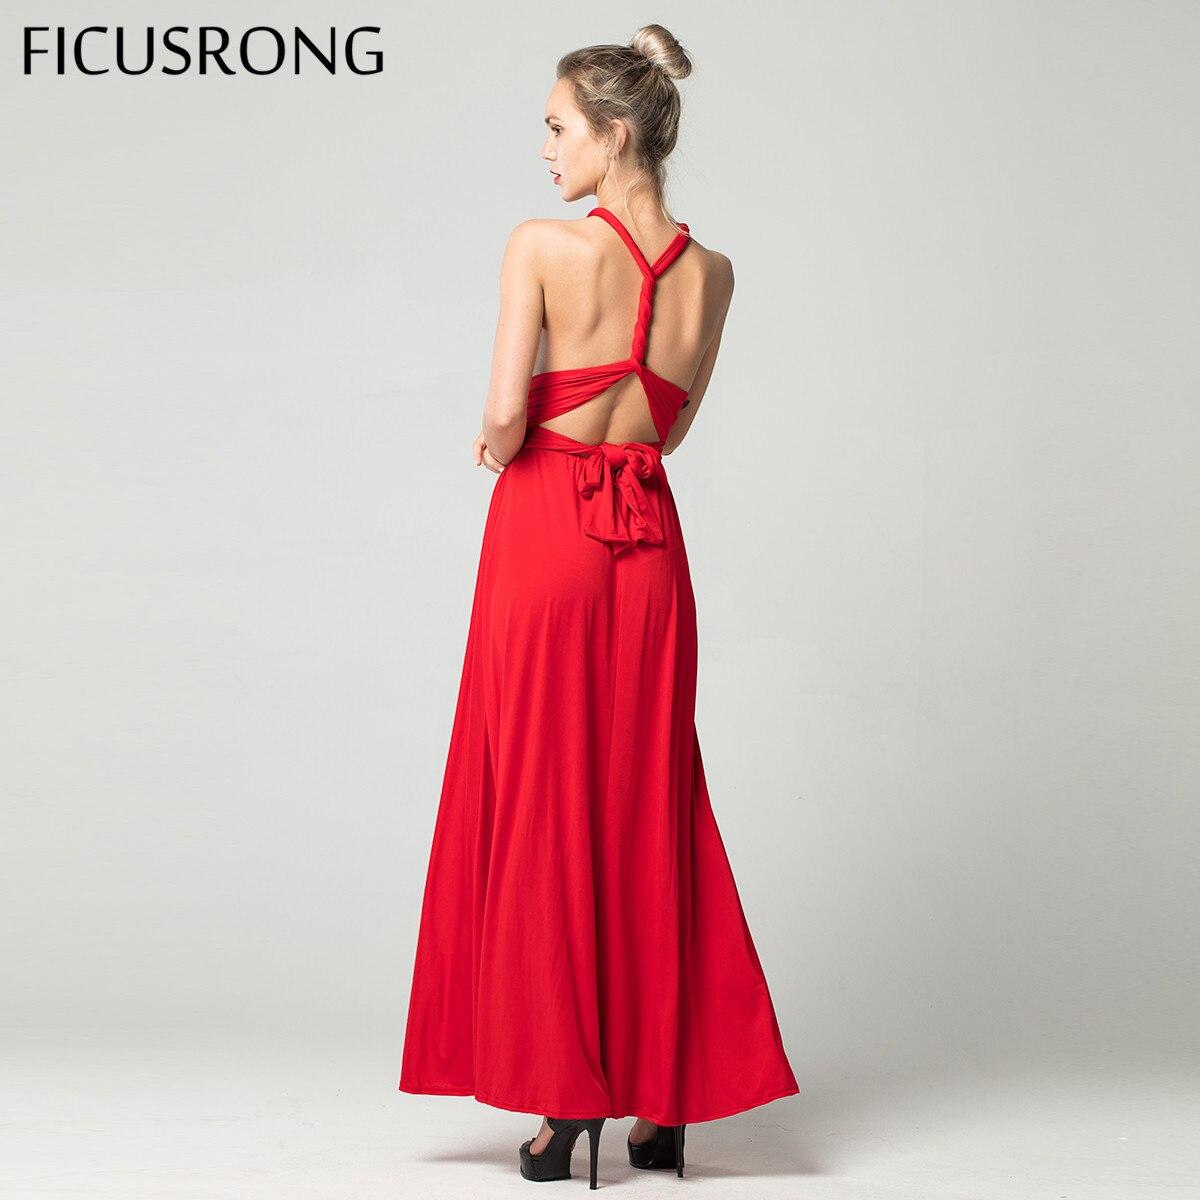 Sexy longue robe demoiselle d'honneur formelle Multi voies Wrap Convertible infini Maxi robe rouge évider fête Bandage Vestidos FICUSRONG